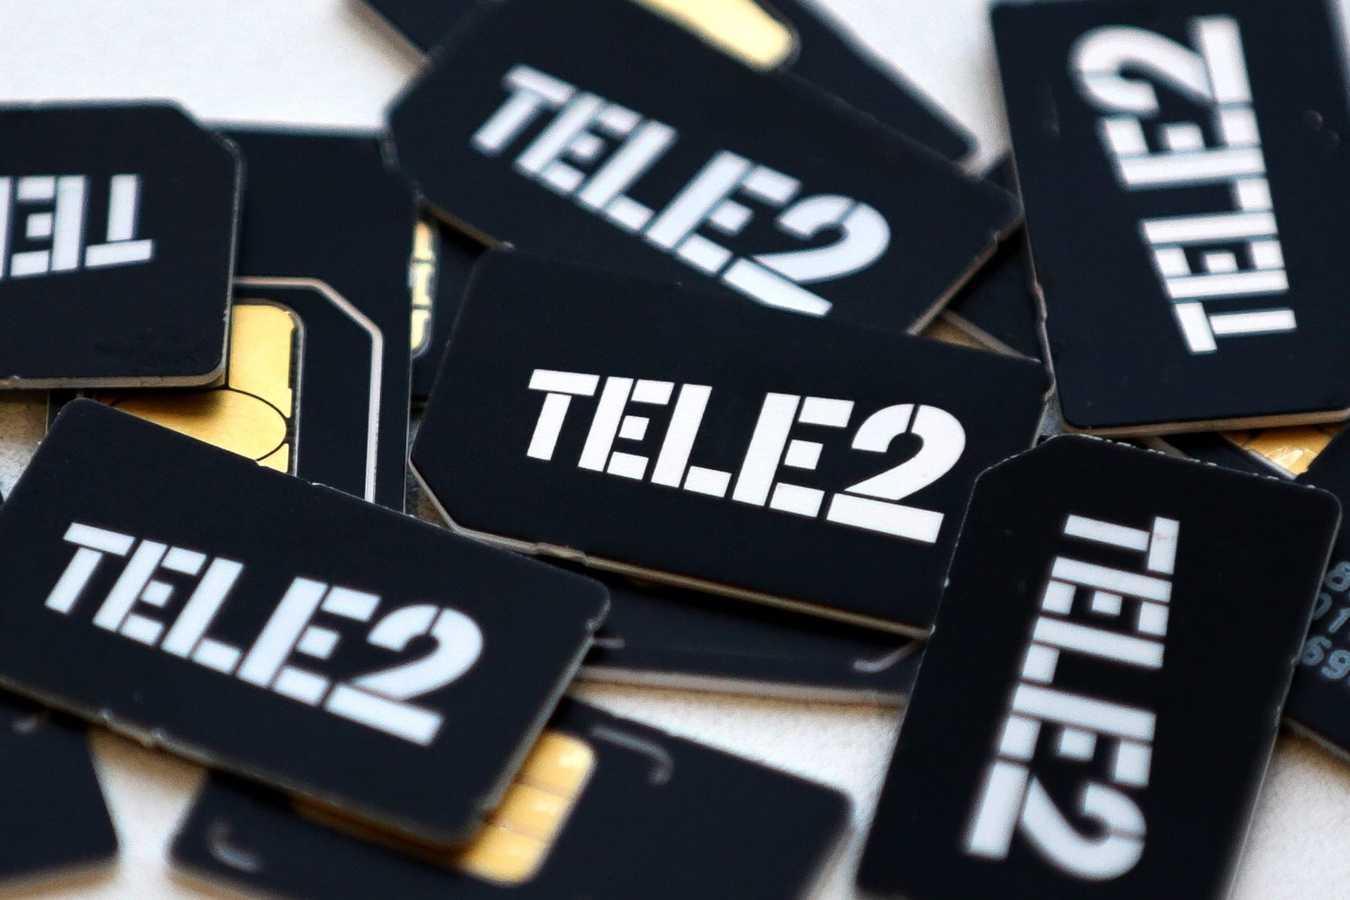 """Шведская Tele2 AB намерениа продать """"Казахтелекому"""" свою долю в СП"""